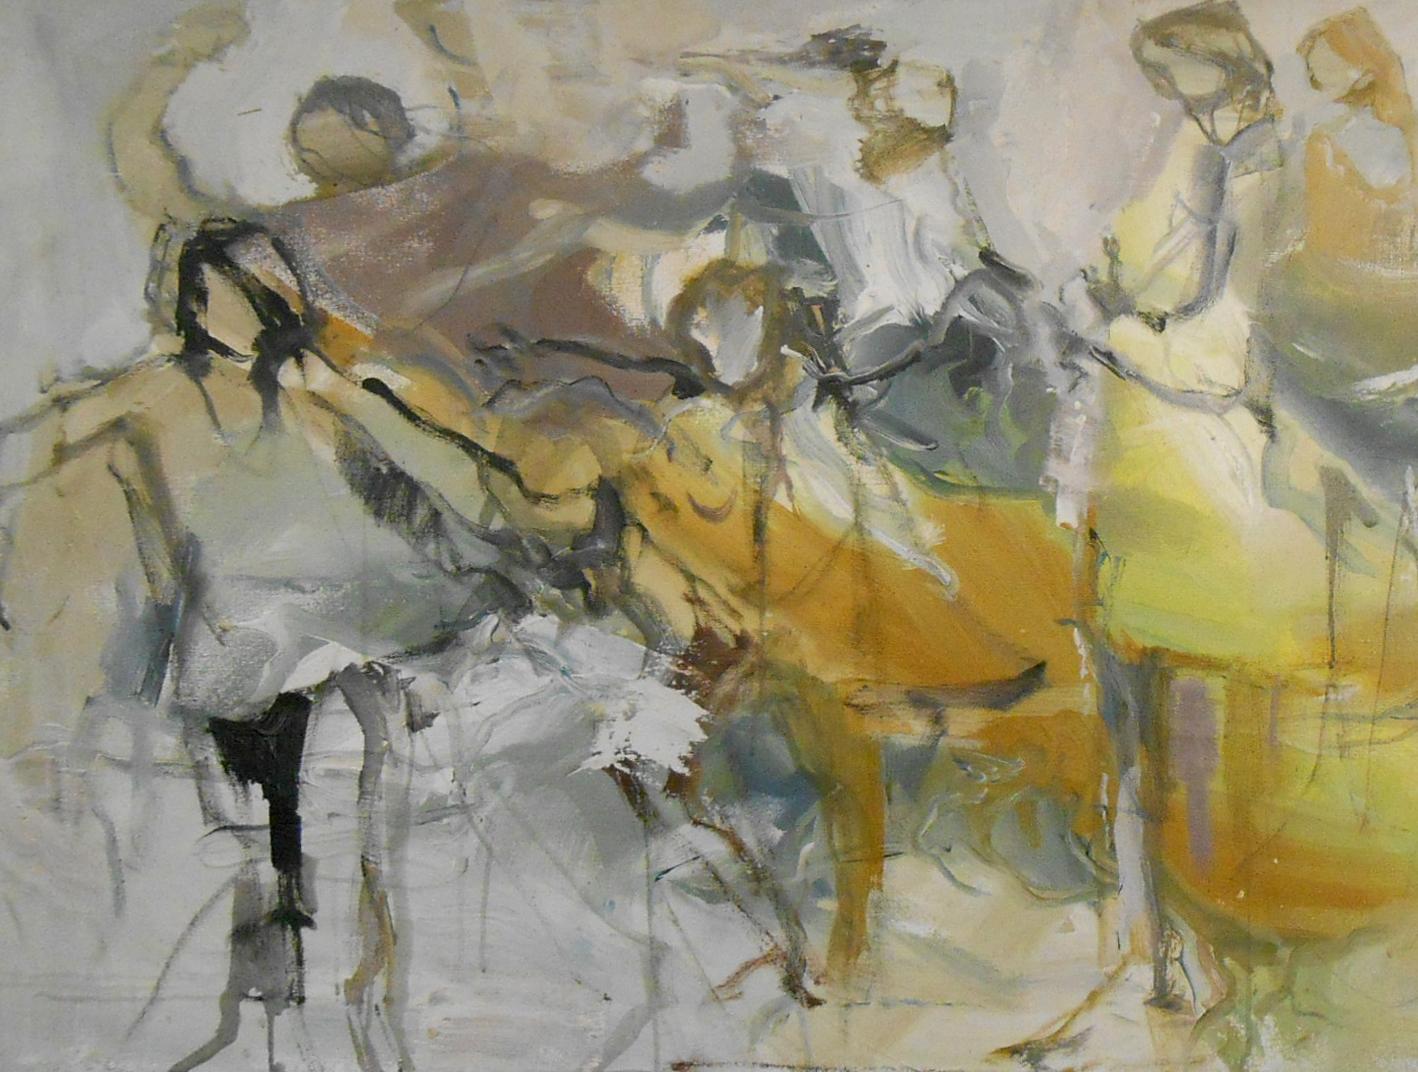 El giraldillo eventos de salas de exposiciones for Sala hollander